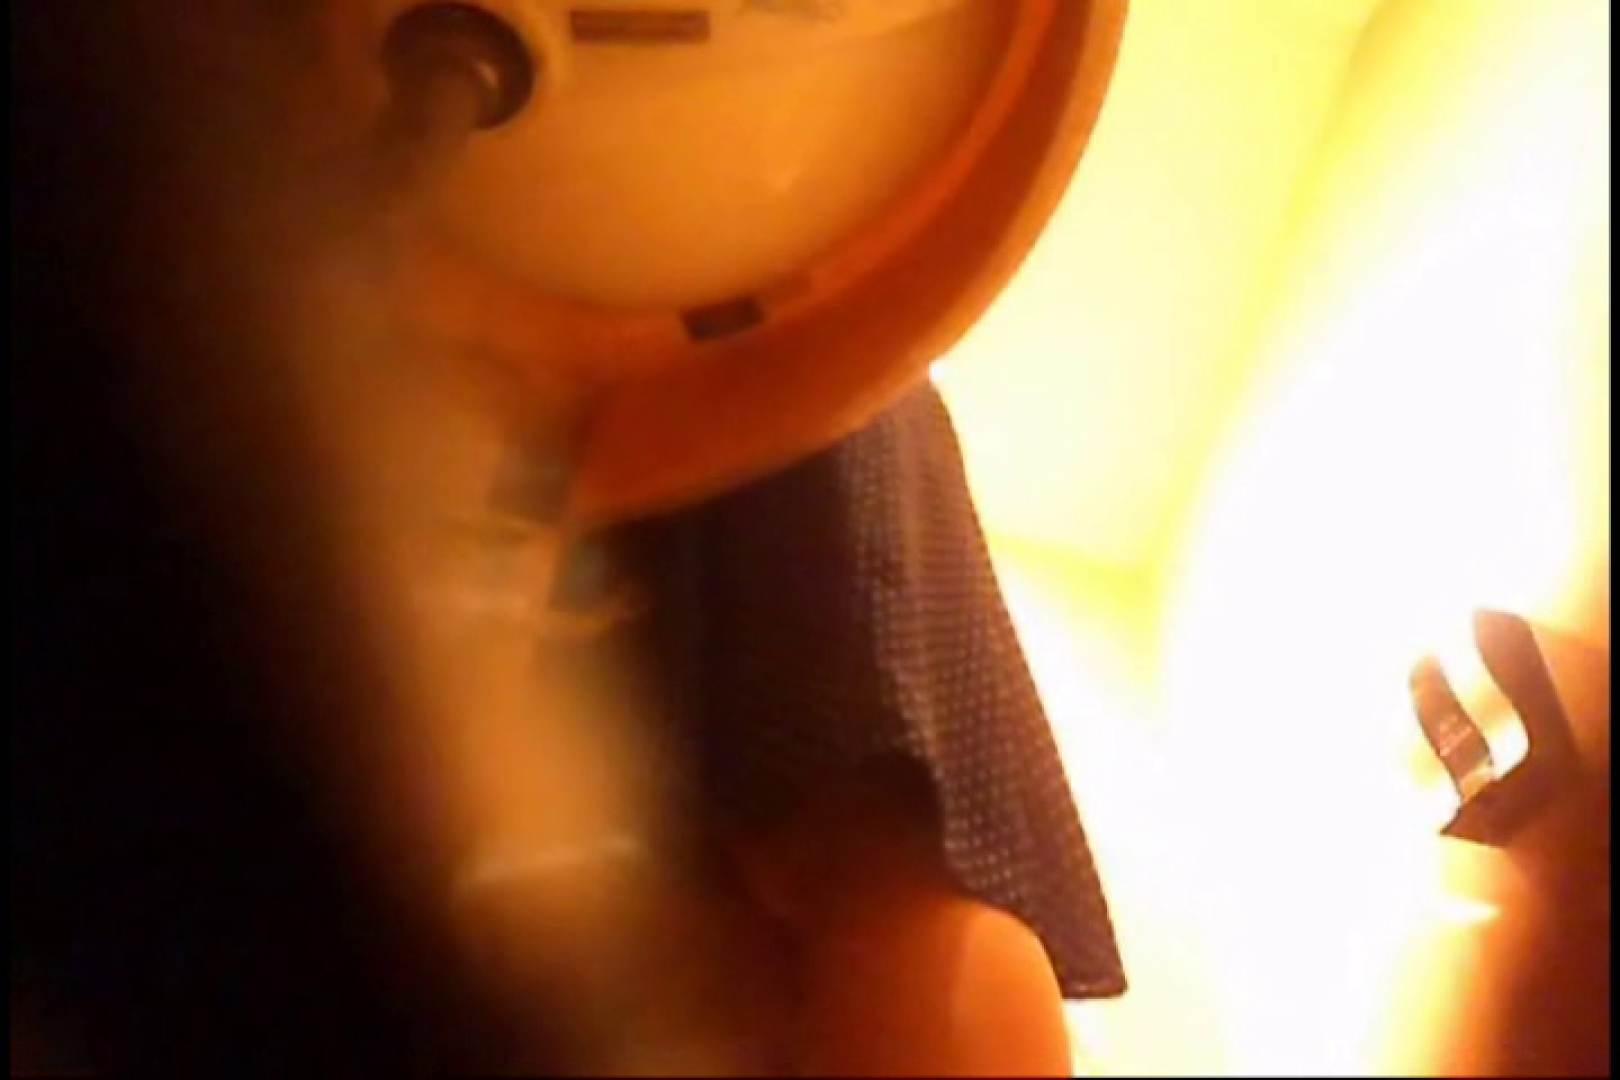 画質向上!新亀さん厠 vol.31 オマンコ秘宝館 ヌード画像 81連発 34